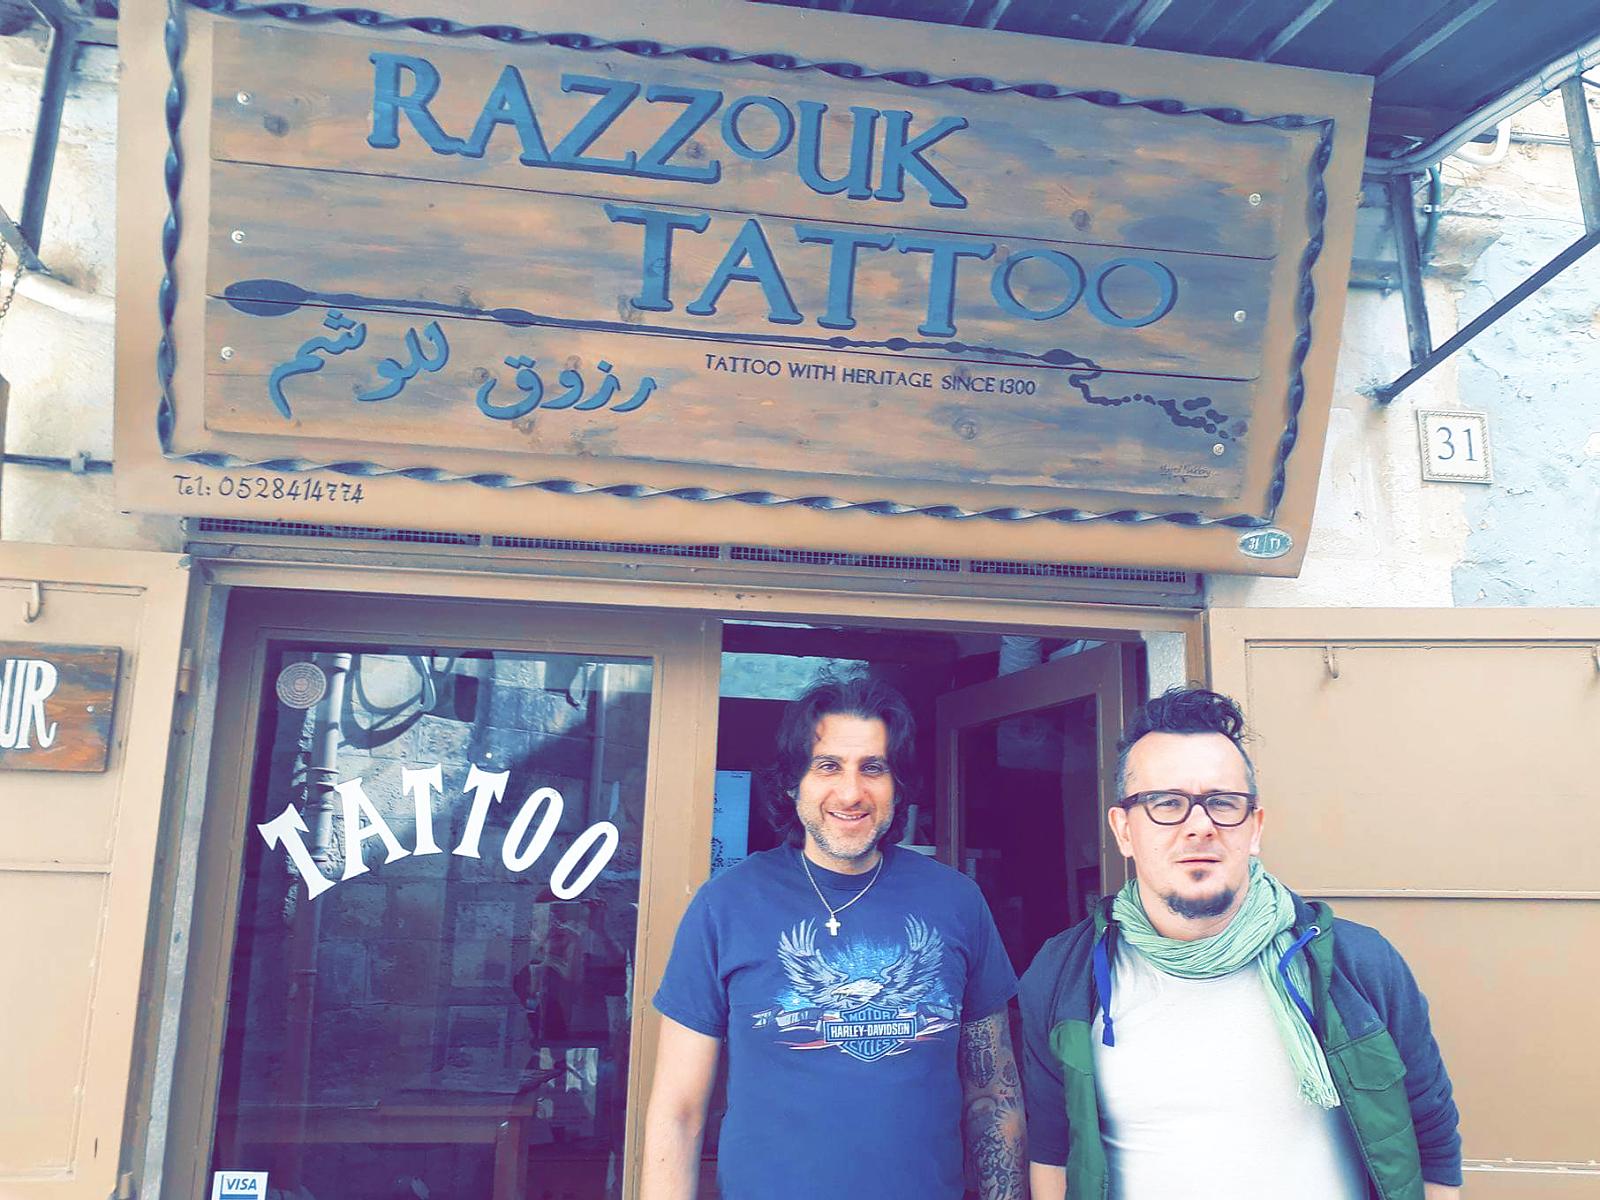 Wymyśl tatuaż dla łobuza i weź udział w konkursie - zdjęcie w treści artykułu nr 2